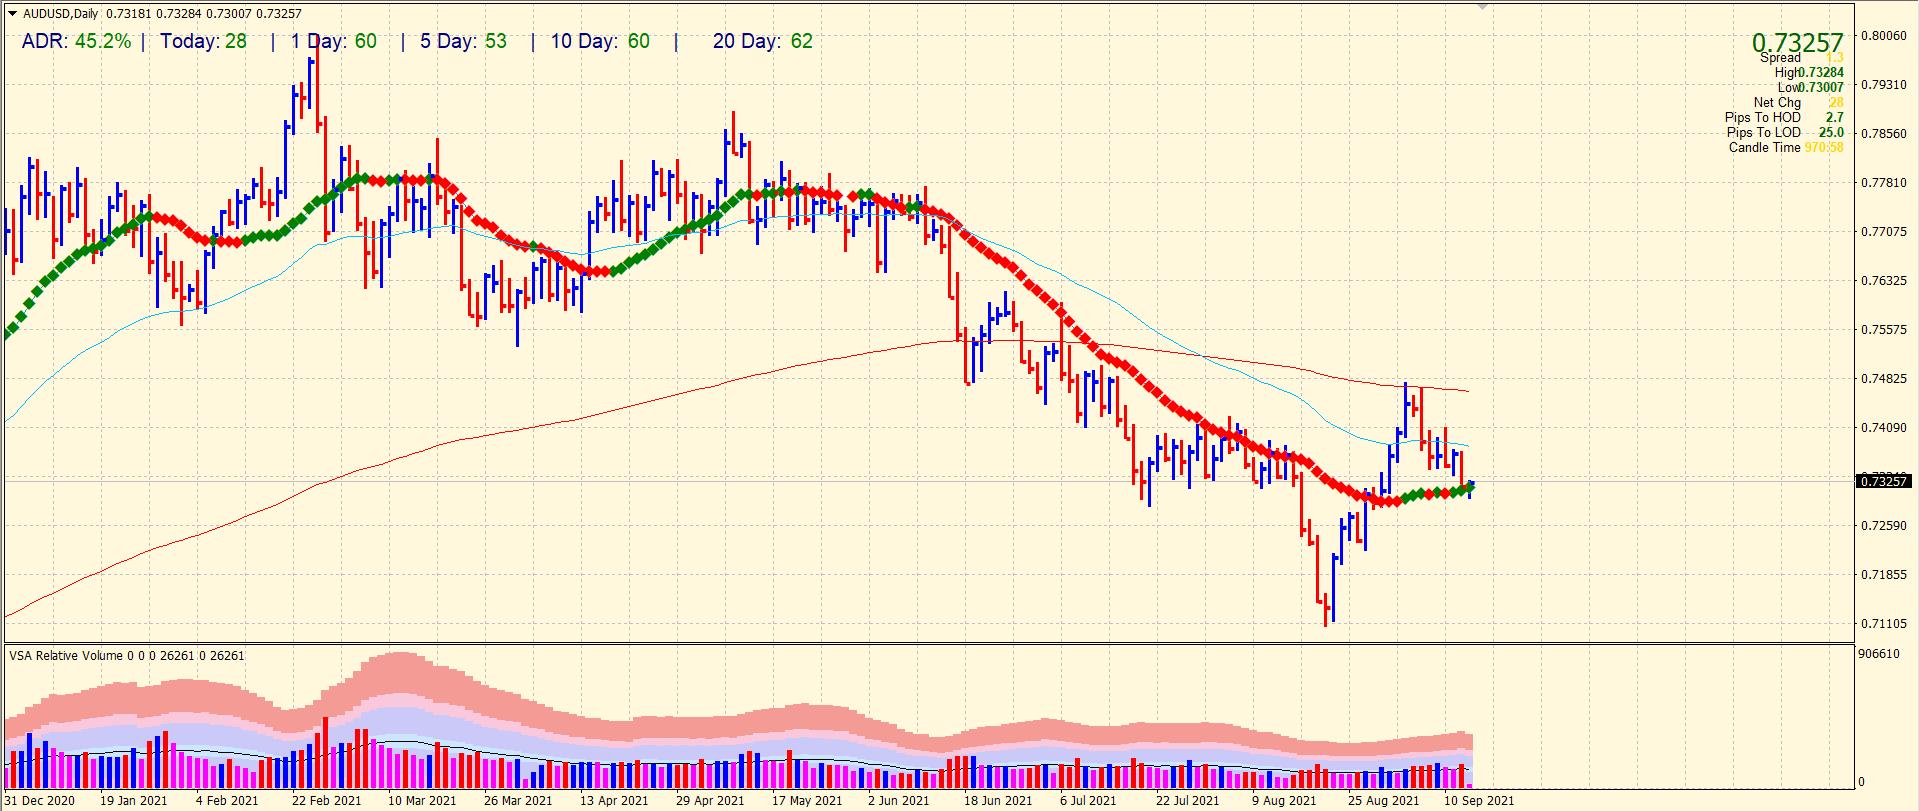 AUD/USD daily price analysis